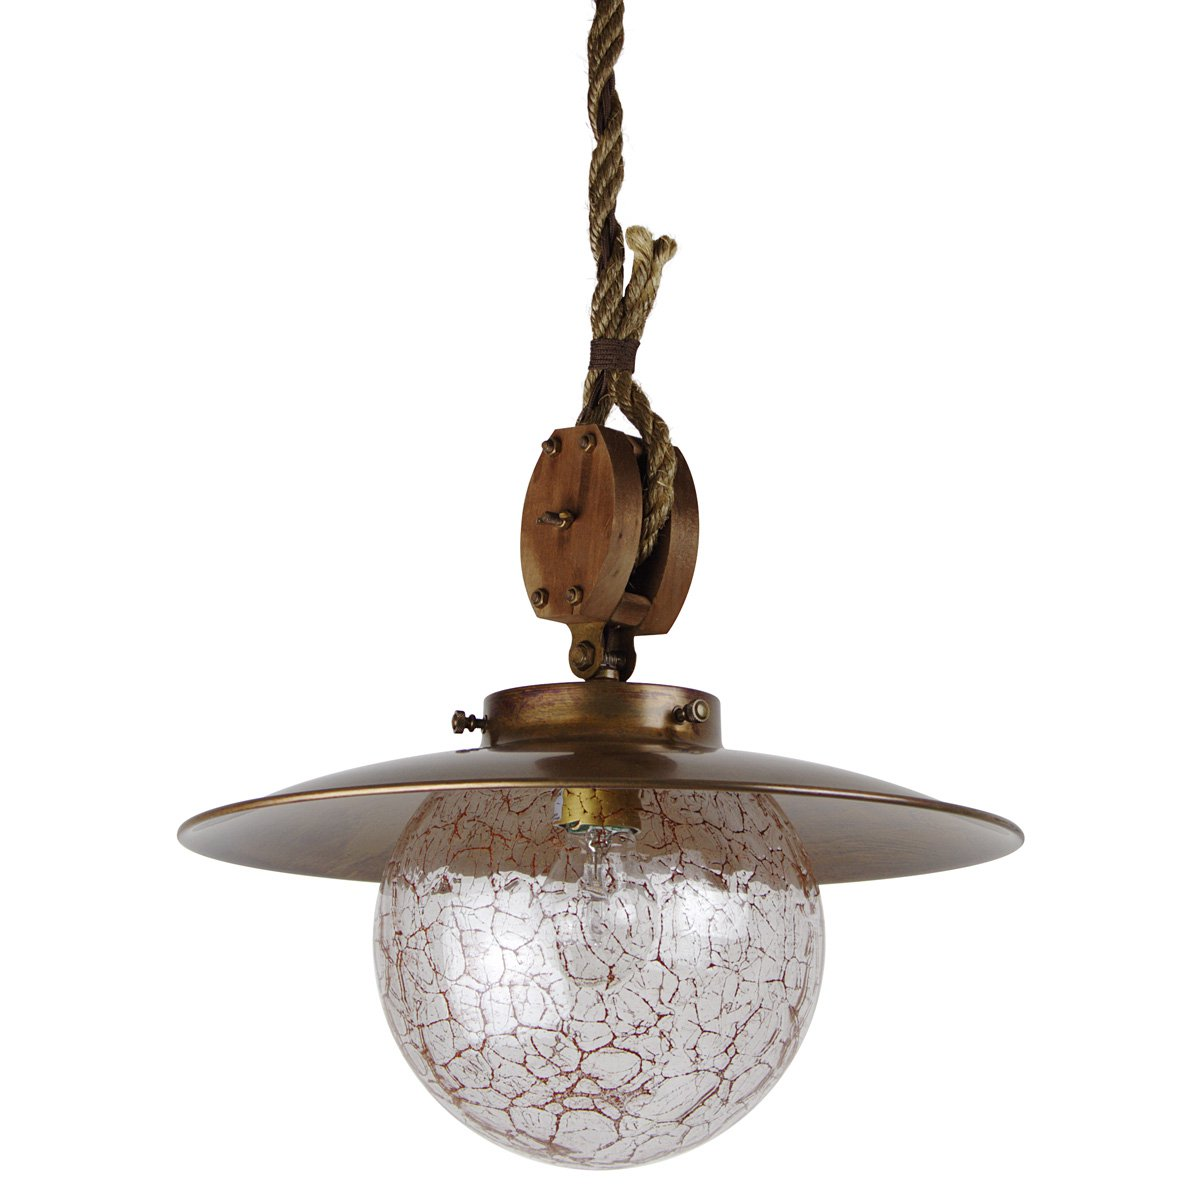 Schmiedeeisen Rustikale Lampen Berlin Kaufen: Rustikale Stubenlampe In Messing Mit Seil-Aufhängung